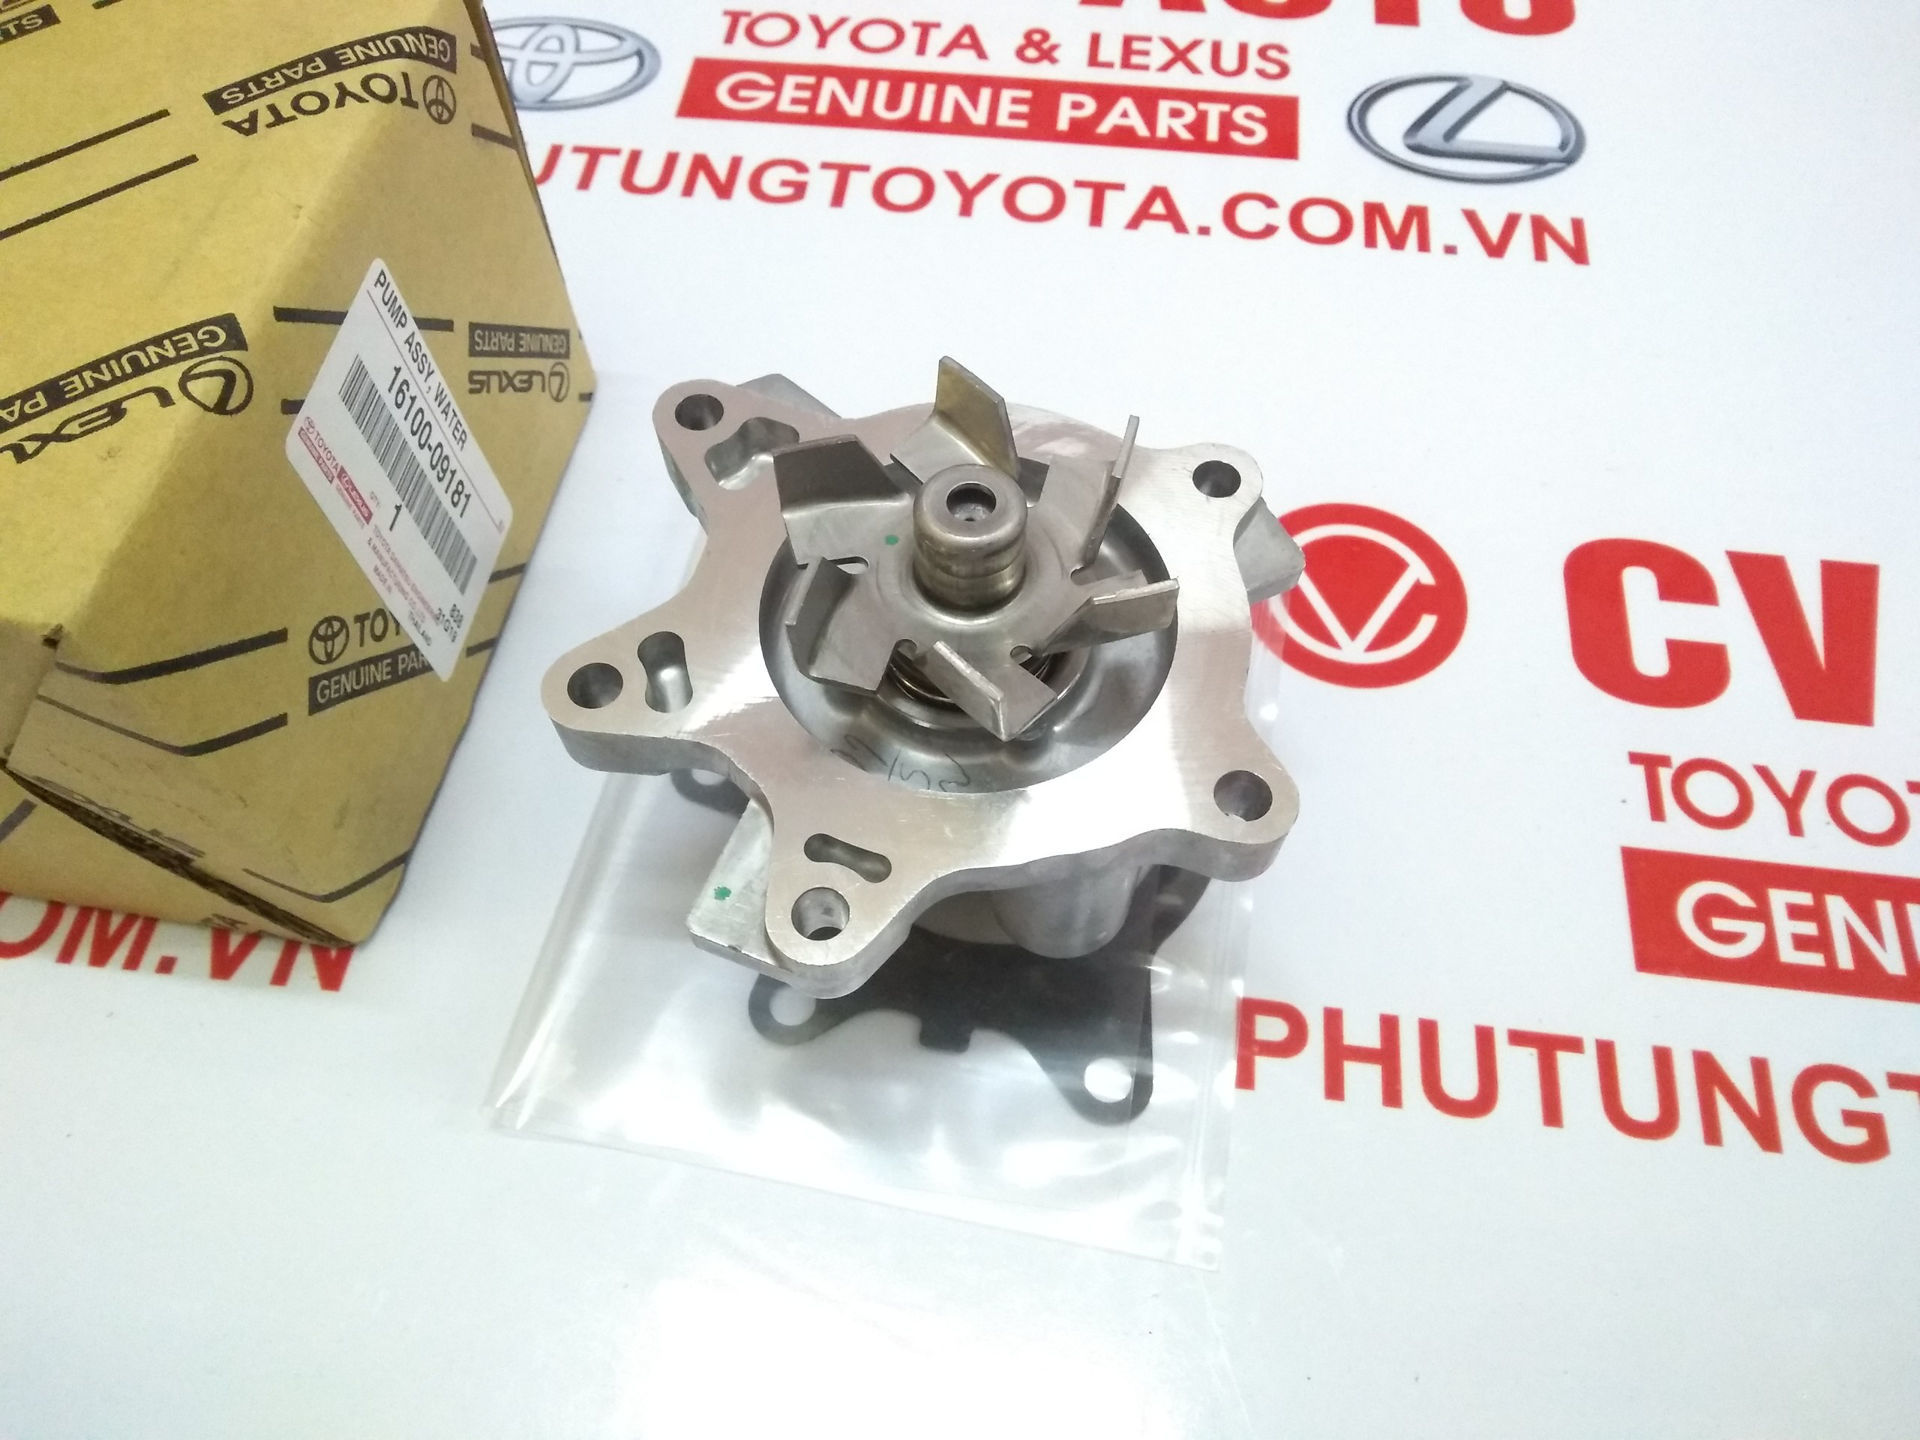 Picture of 16100-09181 1610009181 Bơm nước Toyota Vios, Yaris 1NZ 2NZ  hàng chính hãng